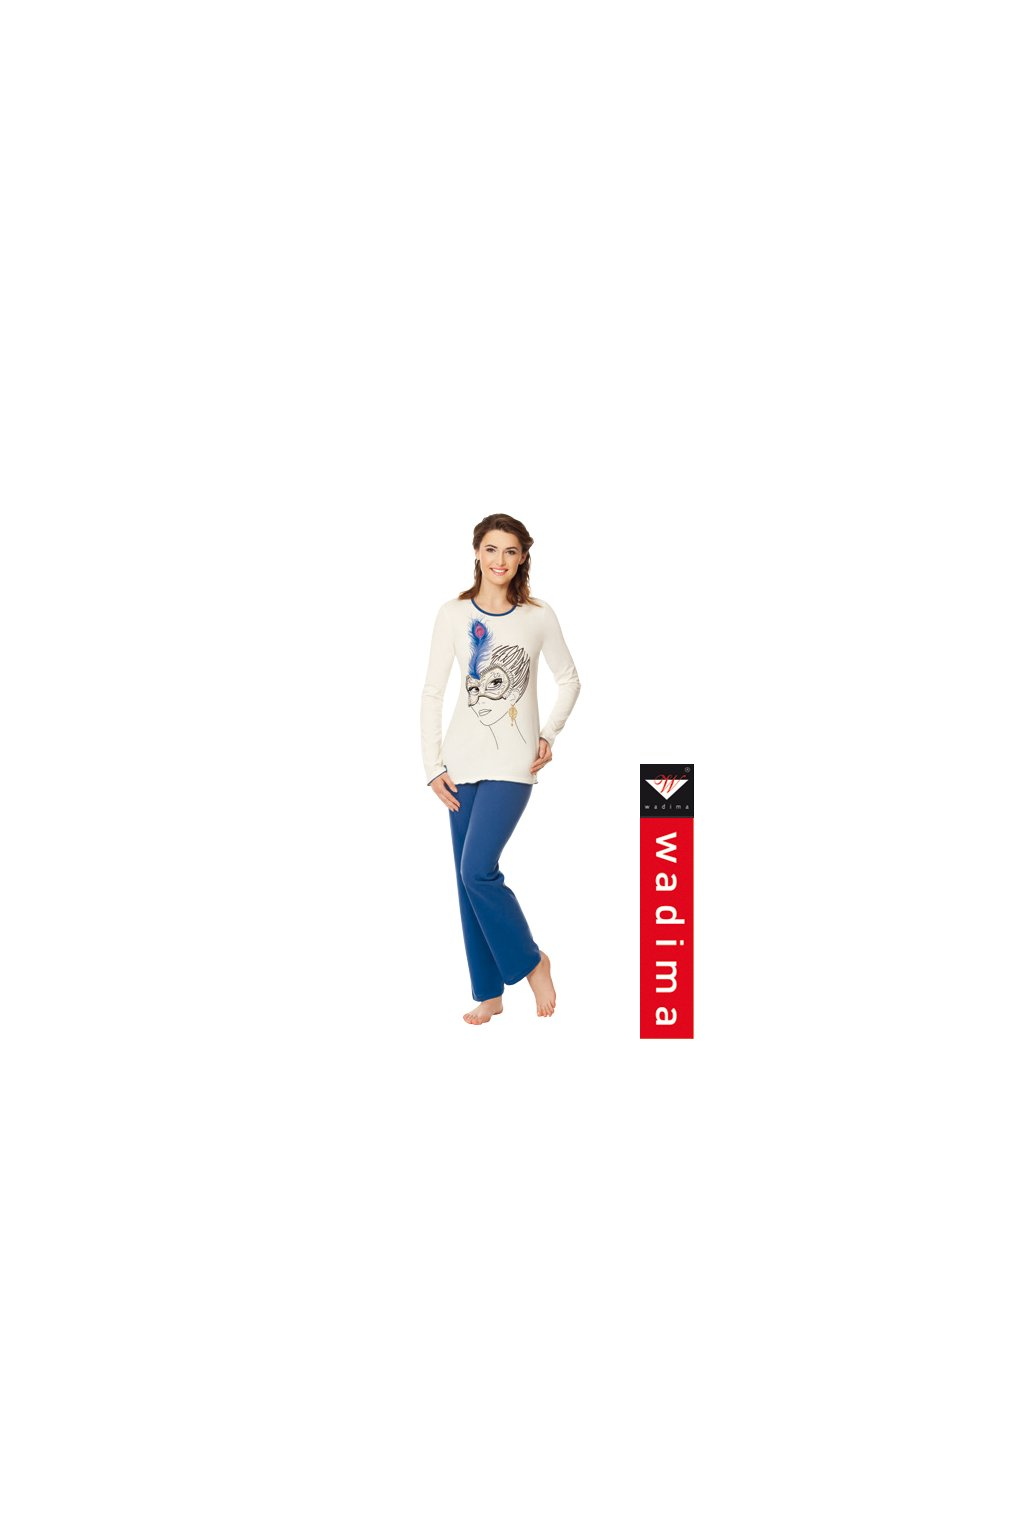 Dámské pyžamo s dlouhým rukávem, 104339 843, smetanová/modrá